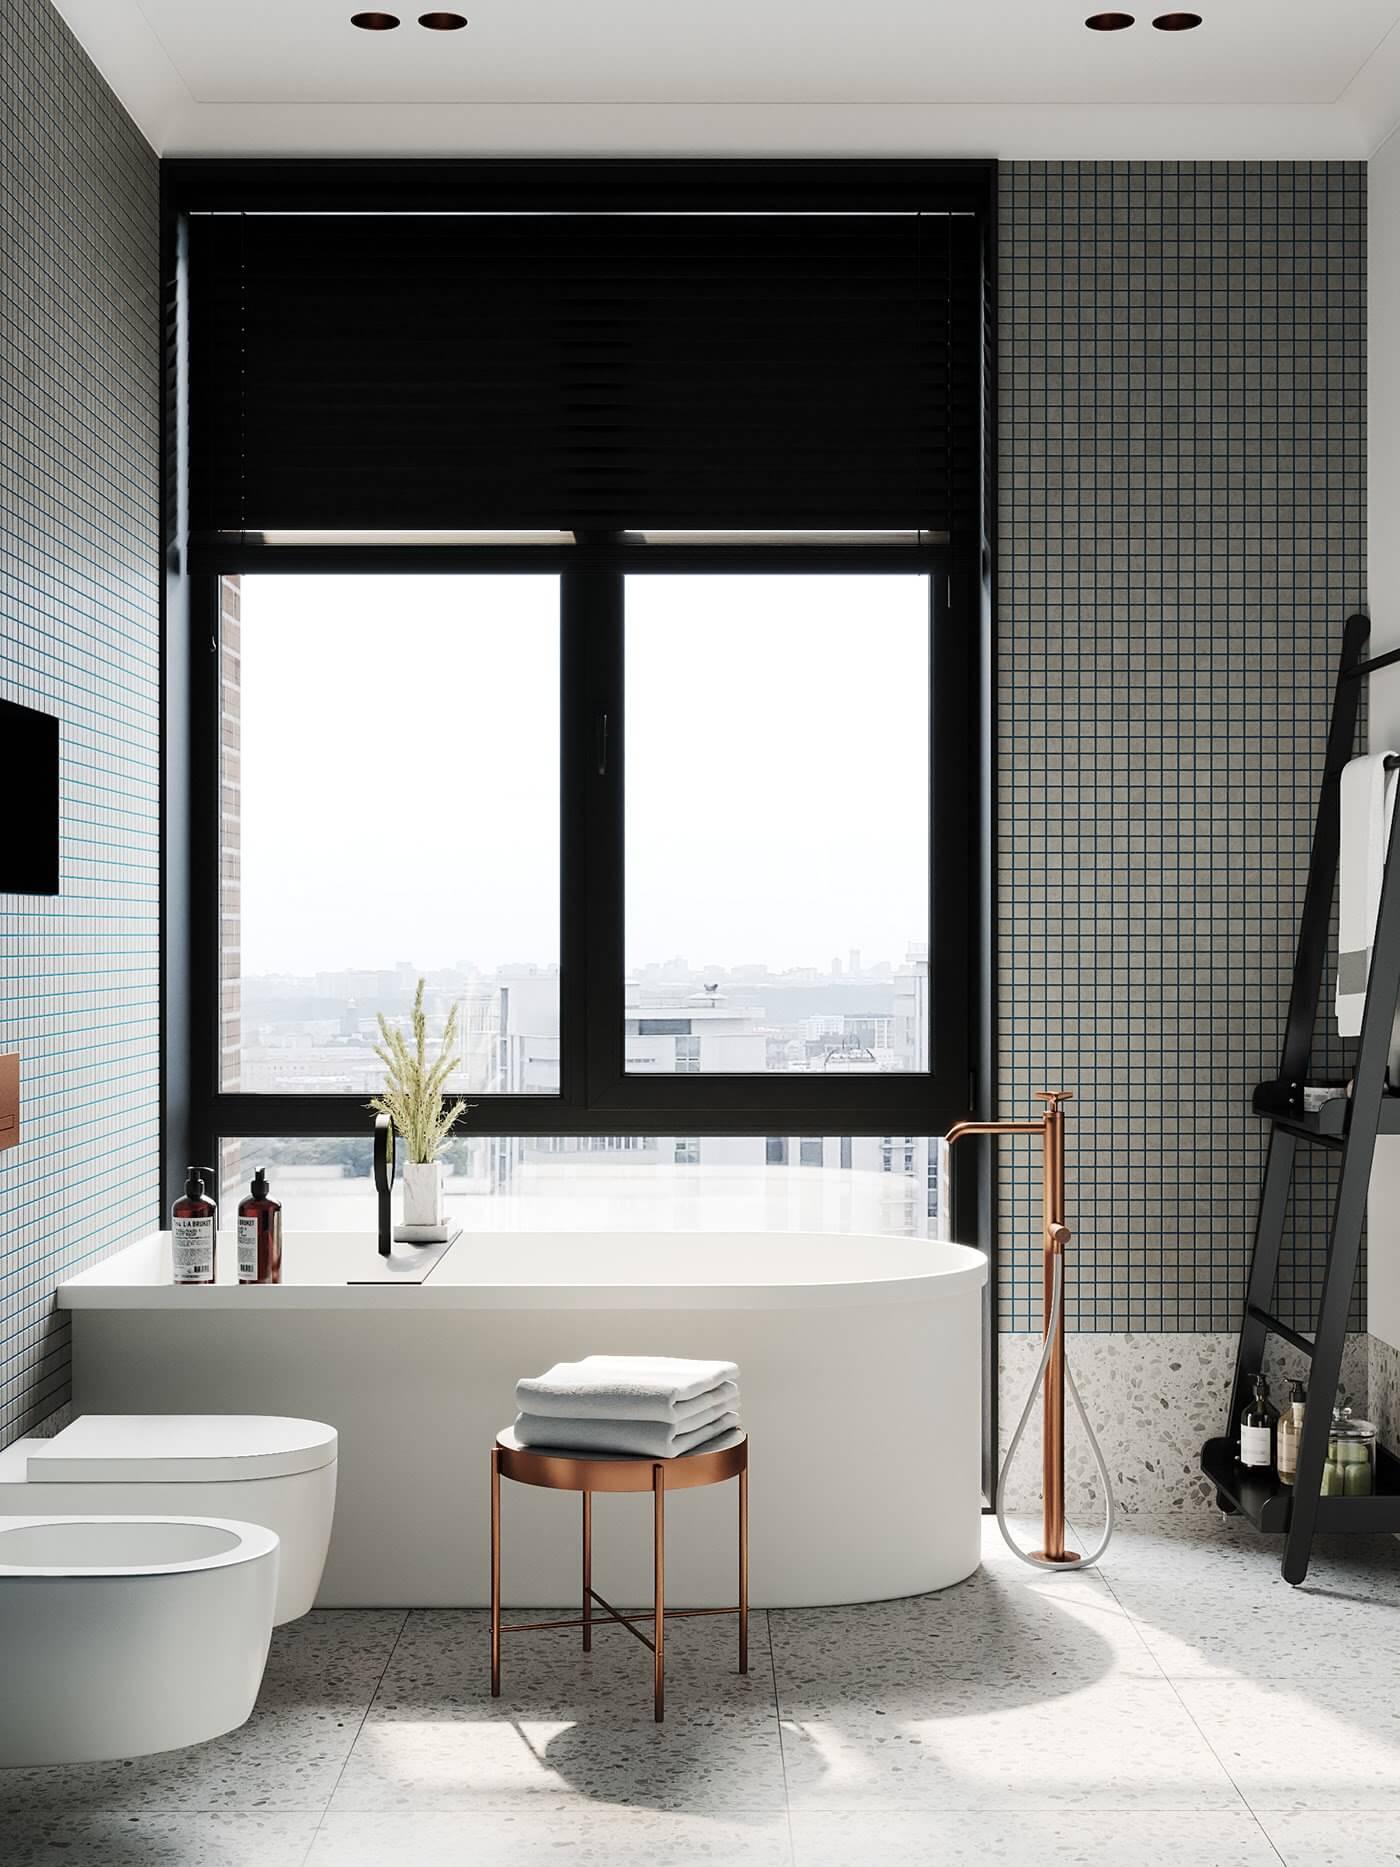 Apartment Presnya City Moscow bathroom design bathtub wash basin wc - cgi visualization